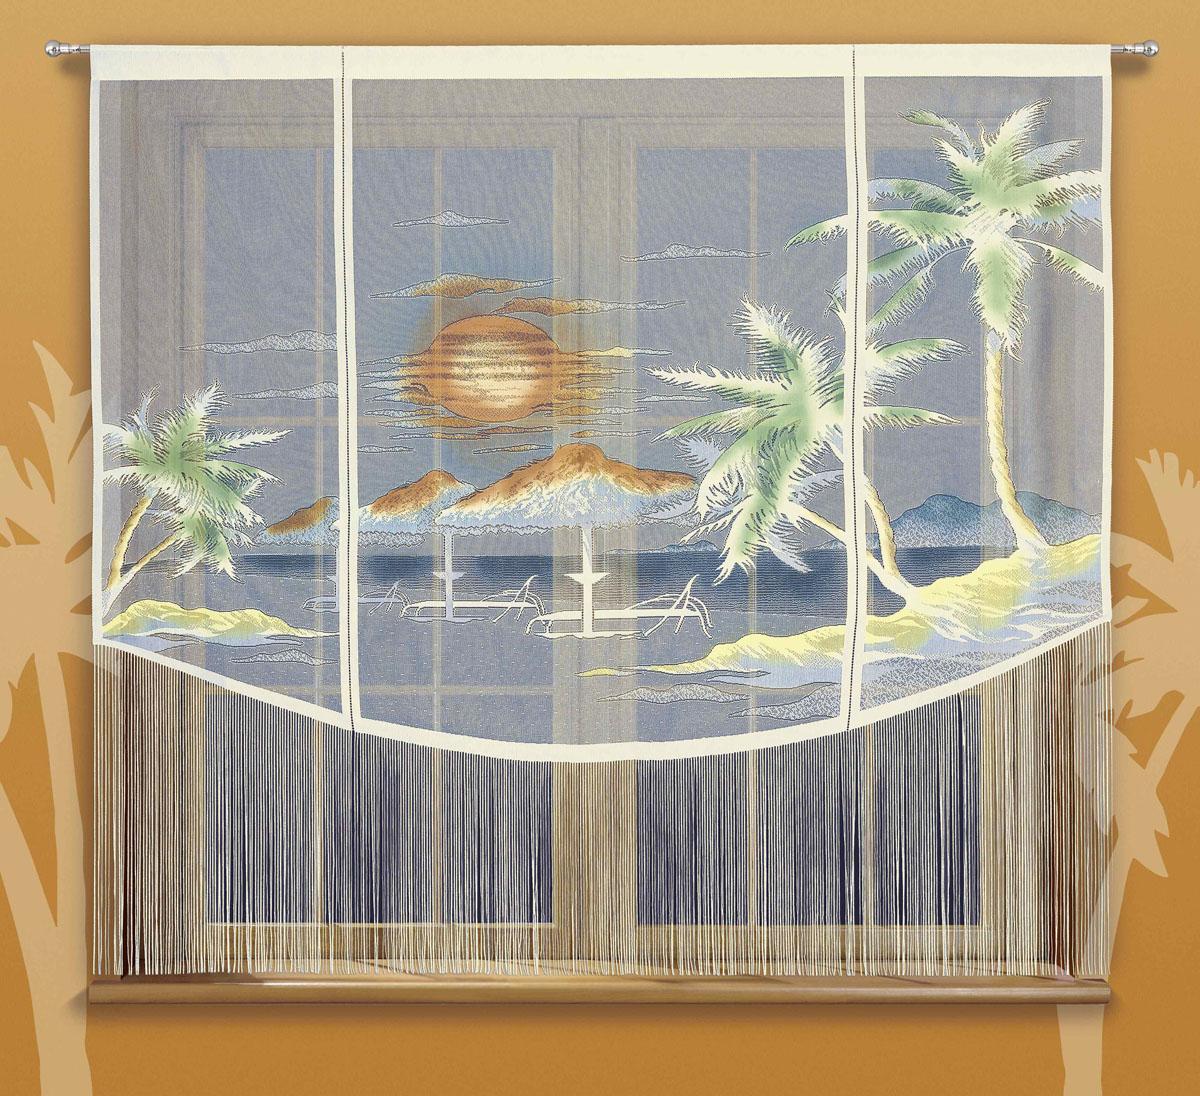 Гардина Karaiby, на кулиске, цвет: кремовый, высота 180 см724789Гардина Karaiby, изготовленная из полиэстера кремового цвета, станет великолепным украшением любого окна. Нижняя часть гардины декорирована бахромой. Тонкое плетение и рисунок в виде моря и пляжа привлекут к себе внимание и органично впишутся в интерьер. Верхняя часть гардины оснащена кулиской для крепления на круглый карниз. Характеристики:Материал: 100% полиэстер. Цвет: кремовый. Высота кулиски: 6 см. Размер упаковки:25 см х 2 см х 36 см. Артикул: 724789.В комплект входит: Гардина - 1 шт. Размер (ШхВ): 200 см х 180 см. Фирма Wisan на польском рынке существует уже более пятидесяти лет и является одной из лучших польских фабрик по производству штор и тканей. Ассортимент фирмы представлен готовыми комплектами штор для гостиной, детской, кухни, а также текстилем для кухни (скатерти, салфетки, дорожки, кухонные занавески). Модельный ряд отличает оригинальный дизайн, высокое качество. Ассортимент продукции постоянно пополняется.